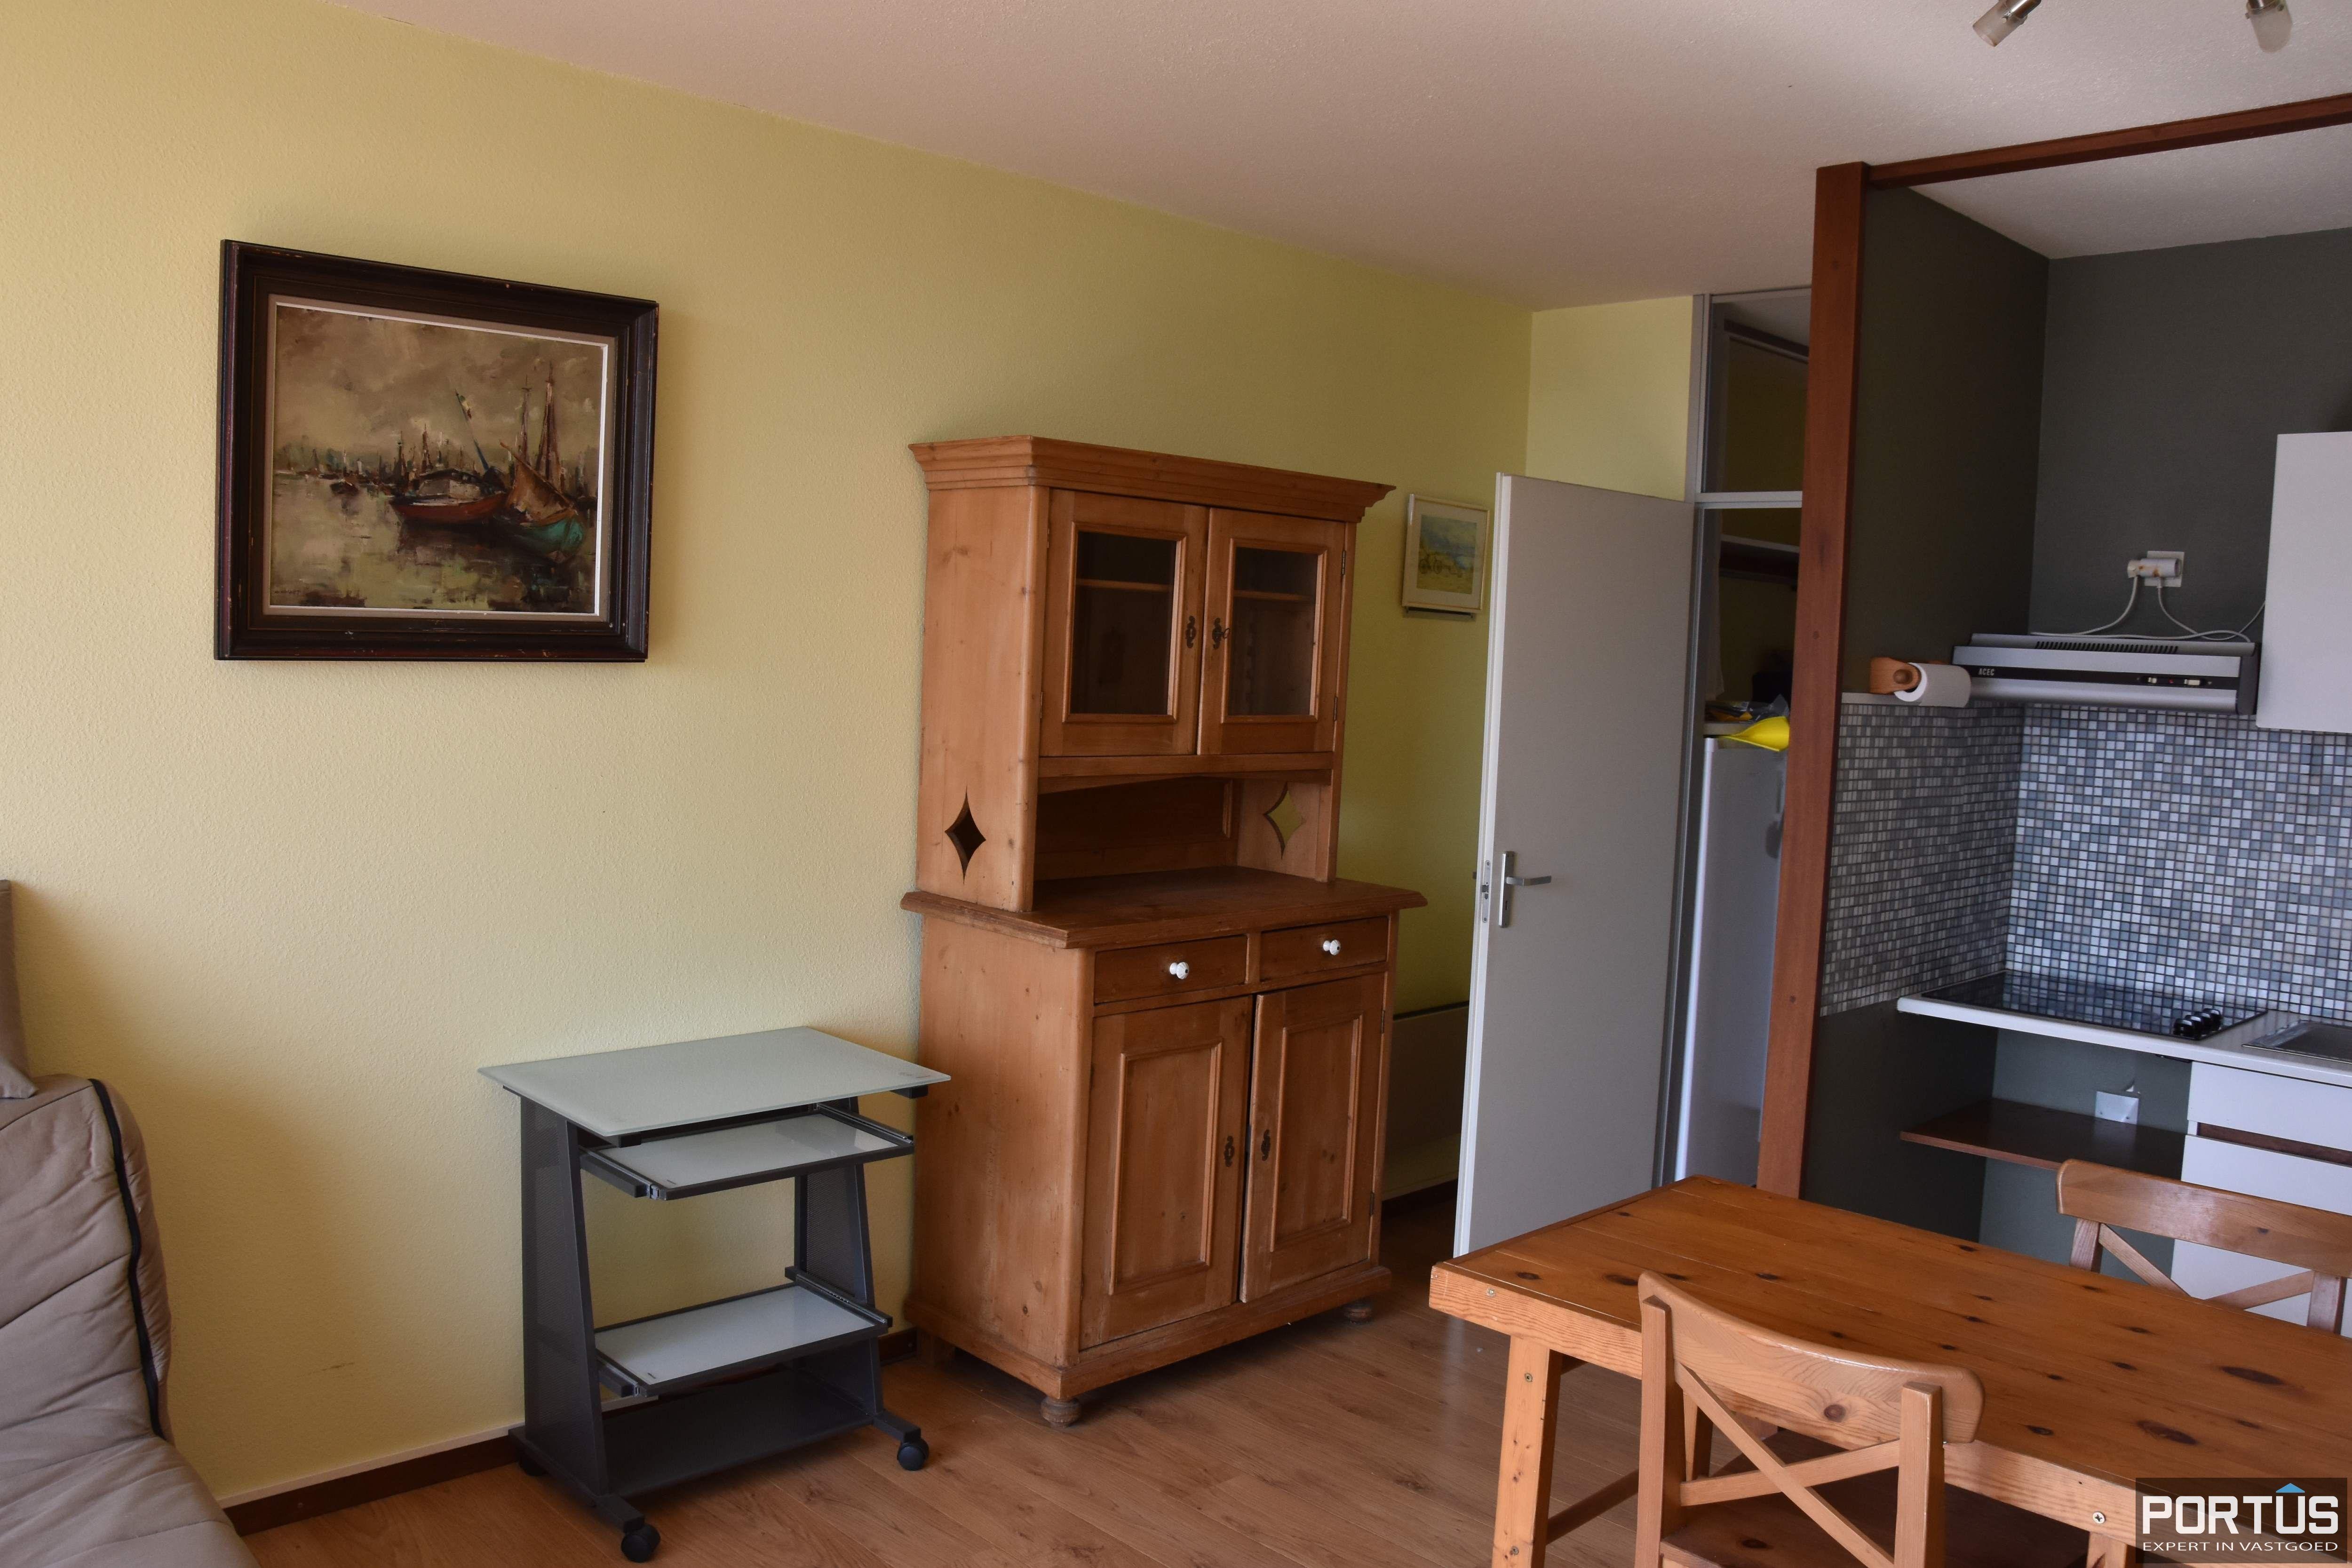 Appartement met staanplaats en berging te huur Nieuwpoort - 9714